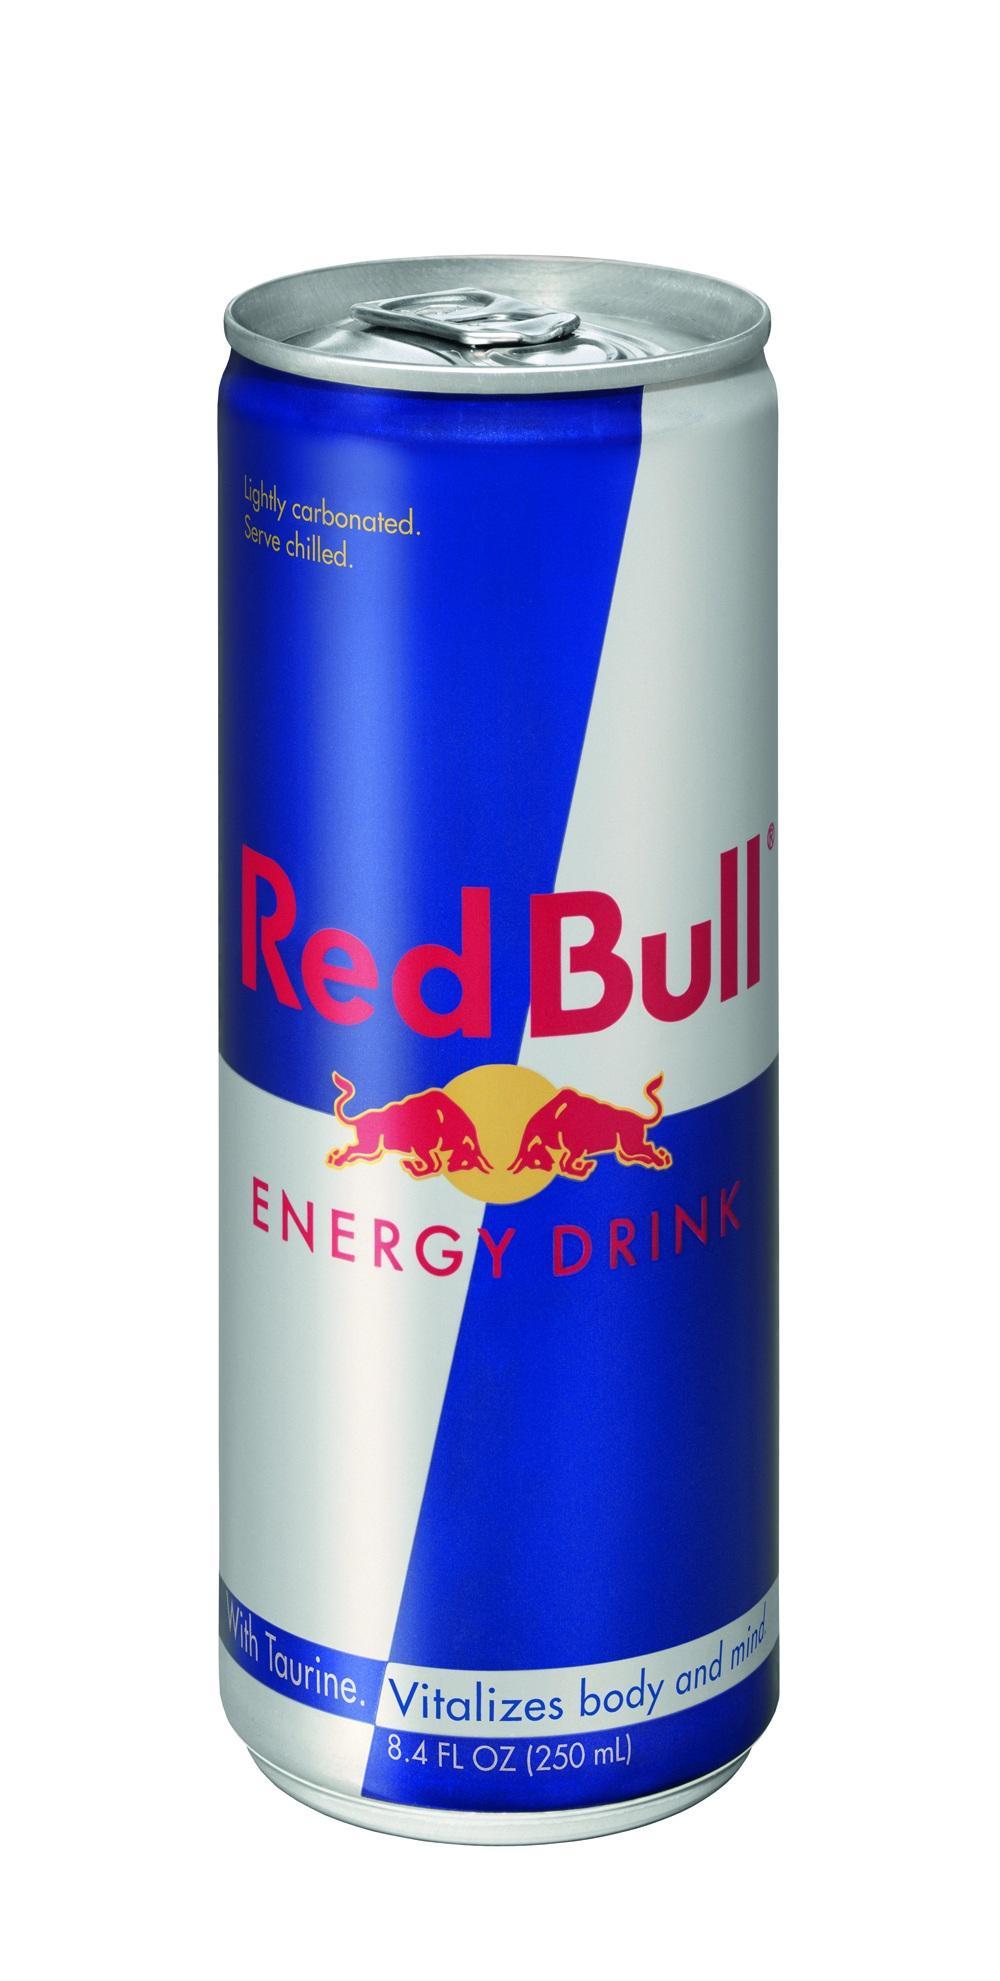 Red Bull Drinks News